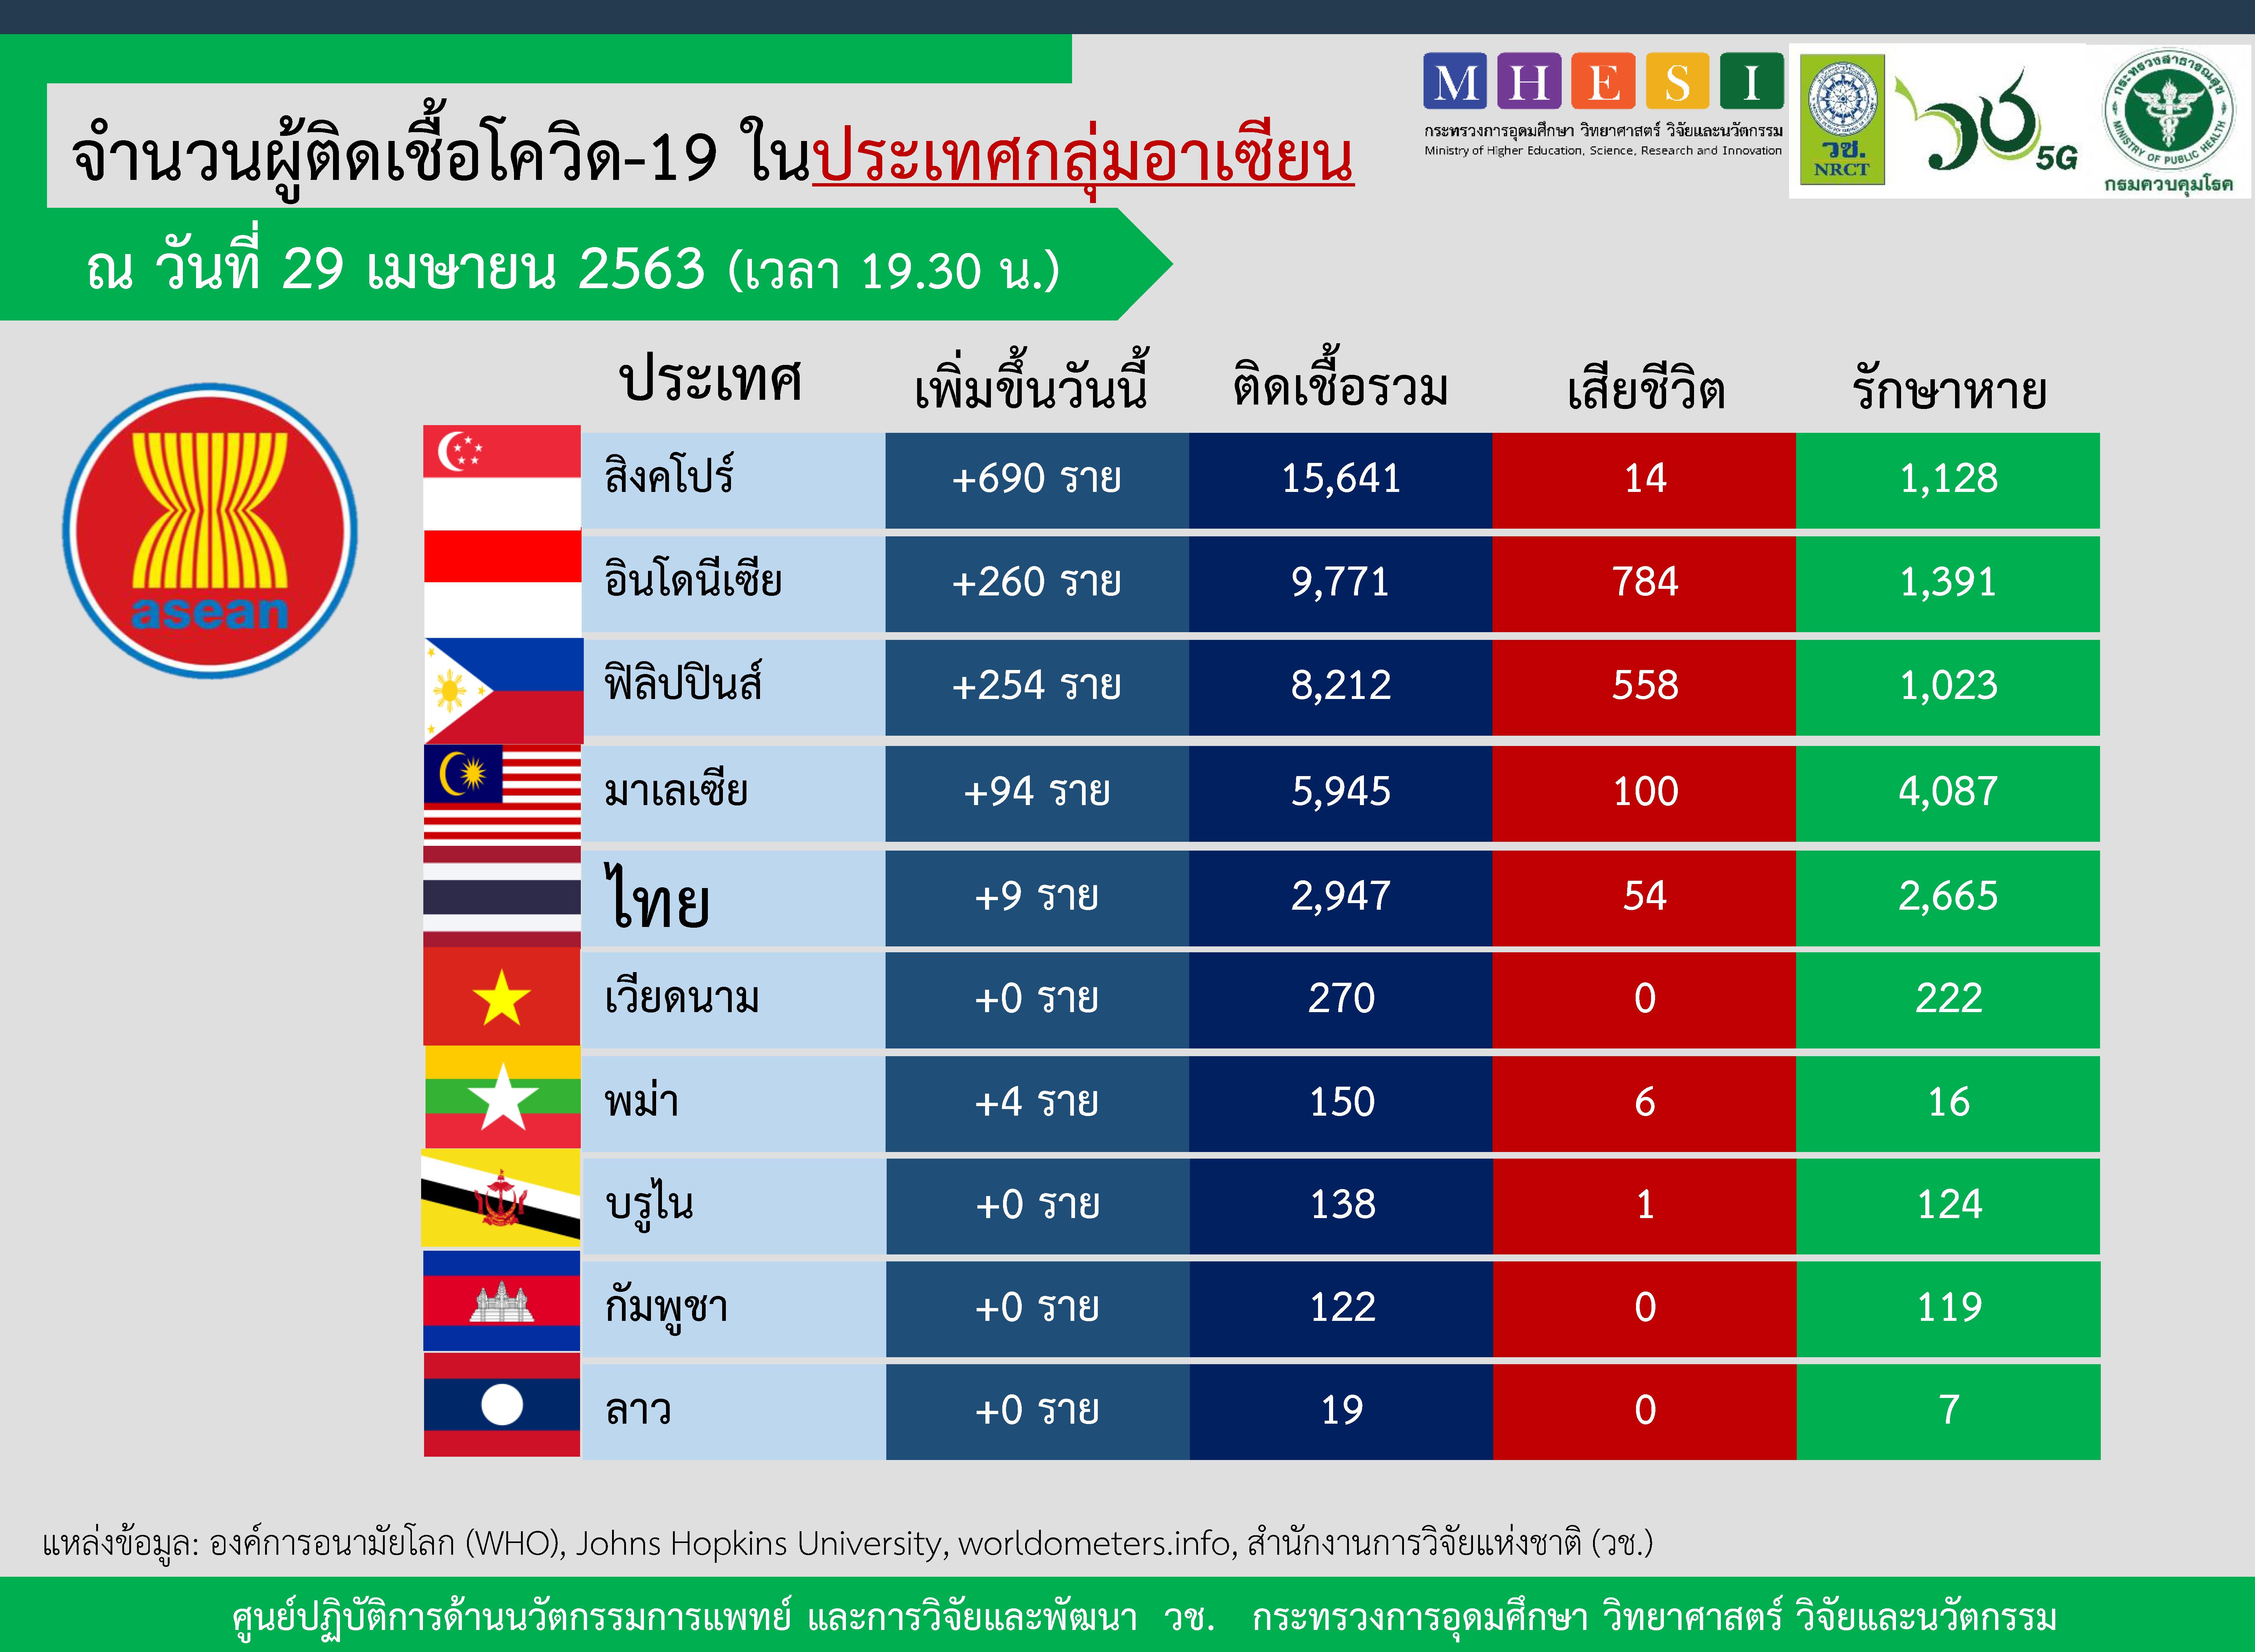 อัพเดทสถานการณ์ จำนวนผู้ติดเชื้อโควิด-19 ในอาเซียน